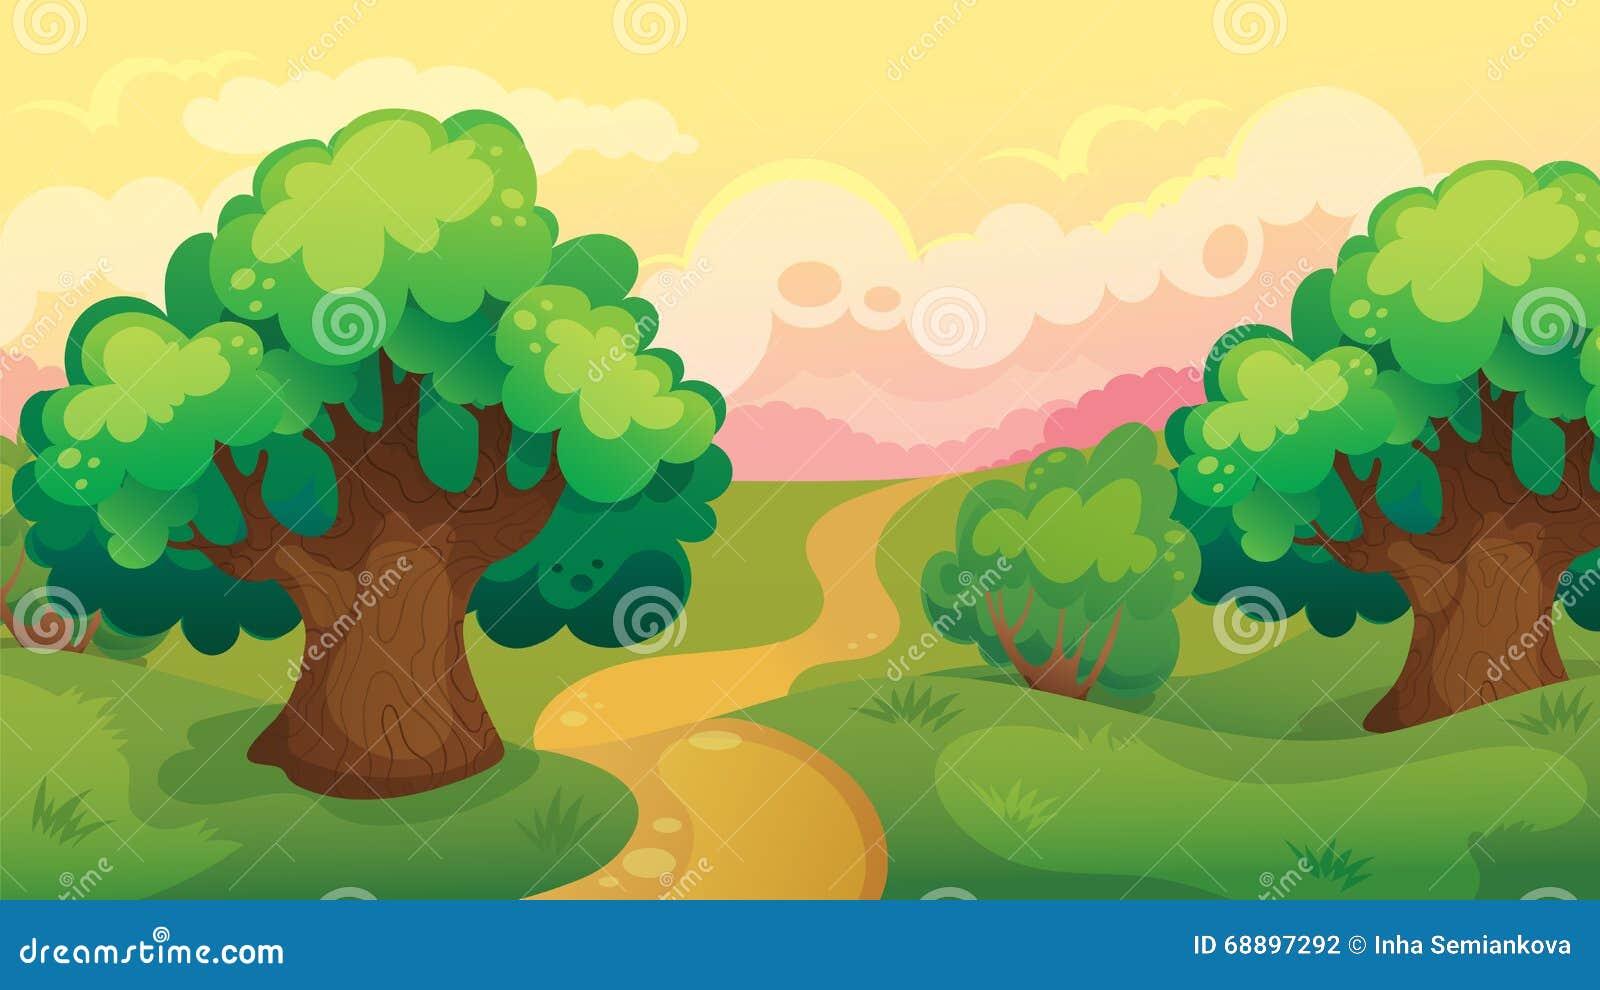 森林背景图儿童画分享展示图片